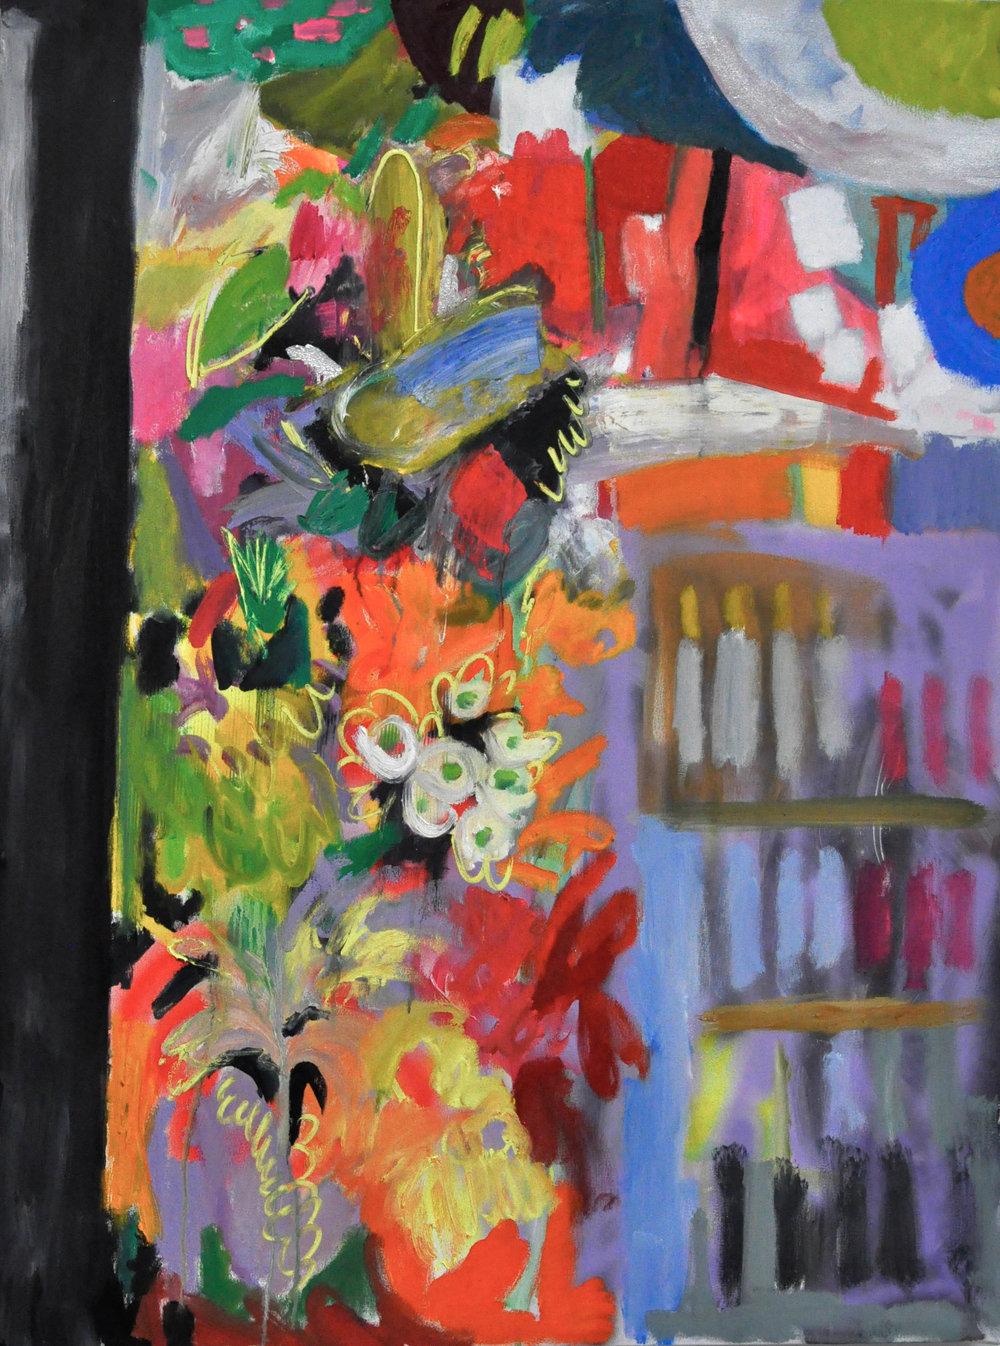 Bodega, 3' x '4' Spray Paint, Acrylic and Oil on canvas, 2014